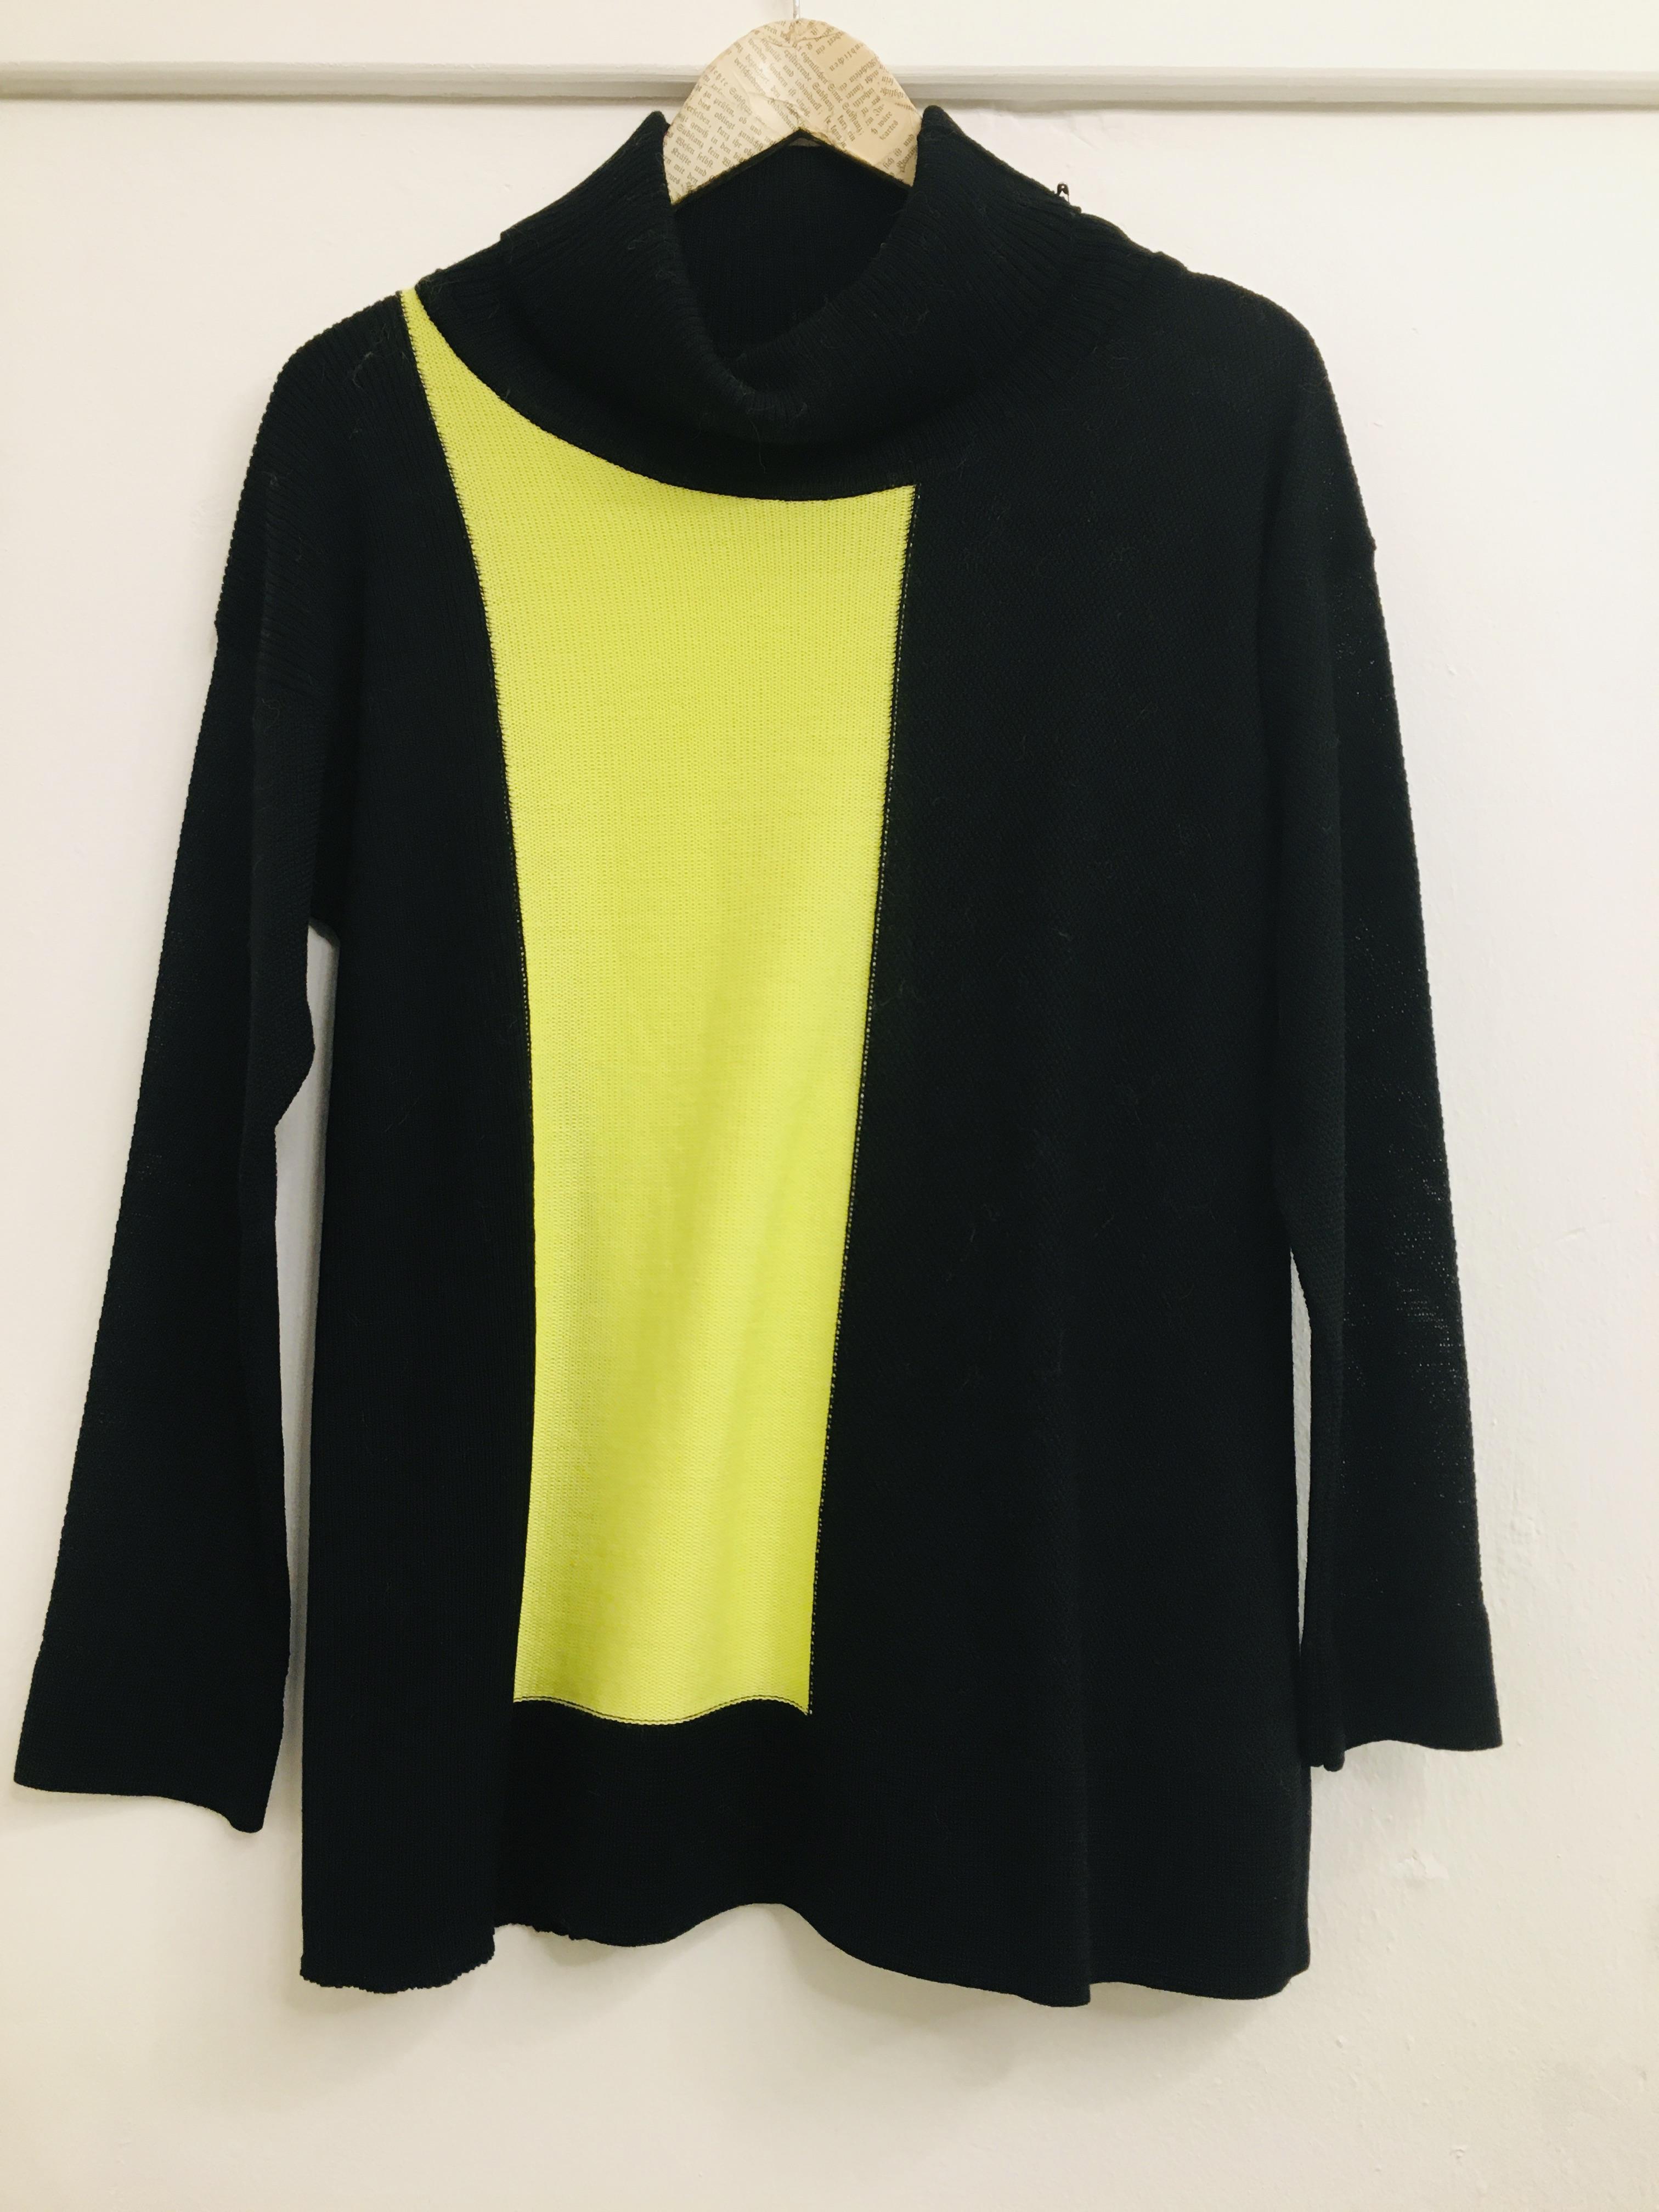 Maglia donna  in lana  collo a dolcevita  nera e gialla  manica lunga  made in Italy